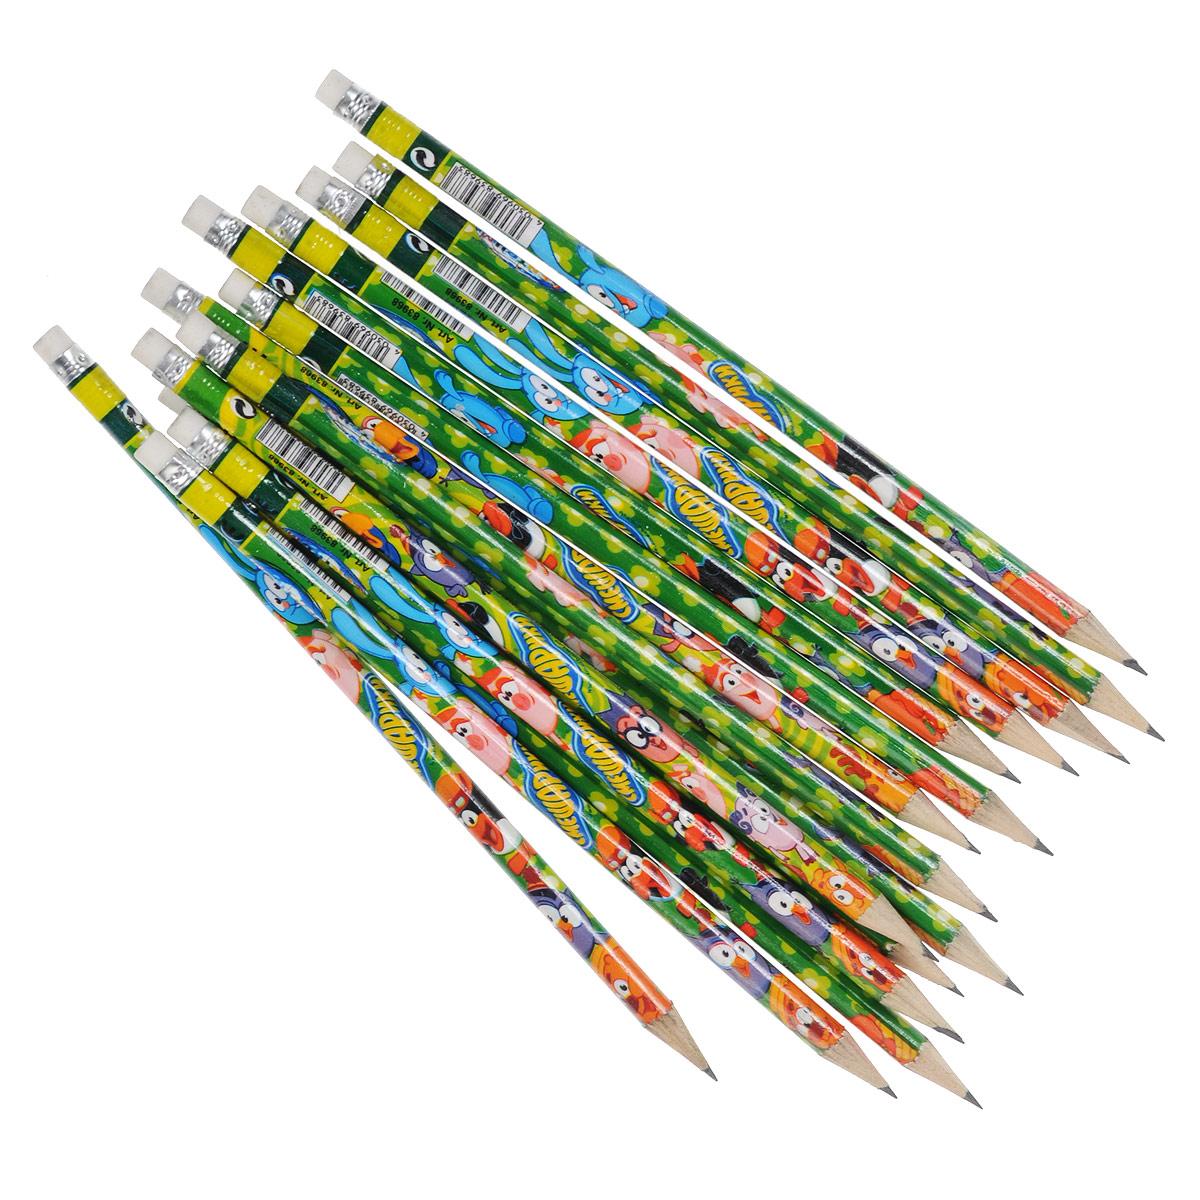 Набор чернографитных карандашей Смешарики, 72 шт72523WDЧернографитные карандаши из набора Смешарики - идеальный инструмент для письма, рисования и черчения. Круглый корпус выполнен из дерева и оформлен изображениями персонажей популярного мультсериала Смешарики. В набор входят 72 заточенных карандаша с ластиками на конце.